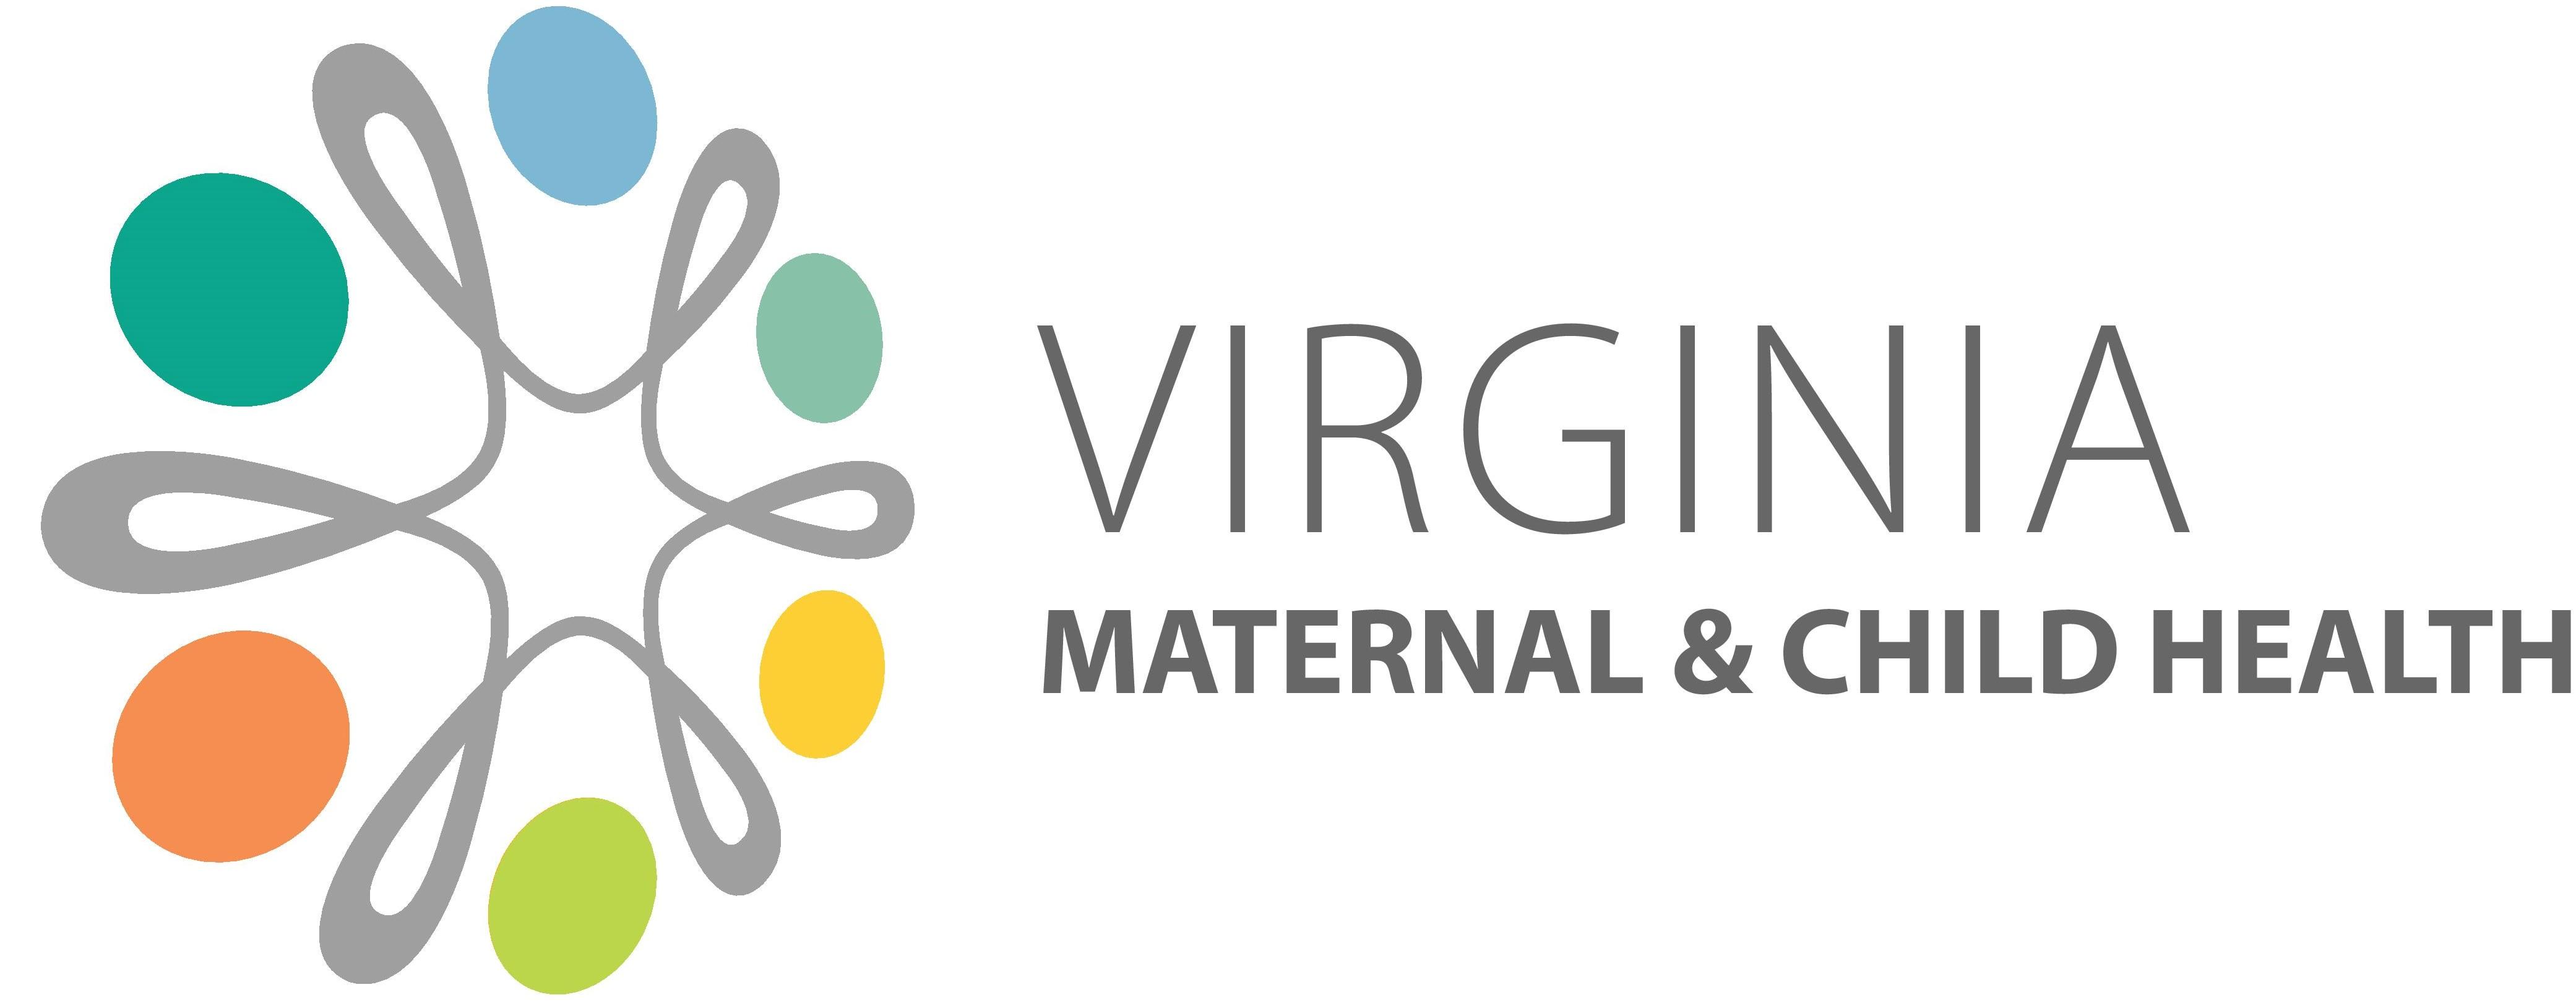 VDH MCH logo